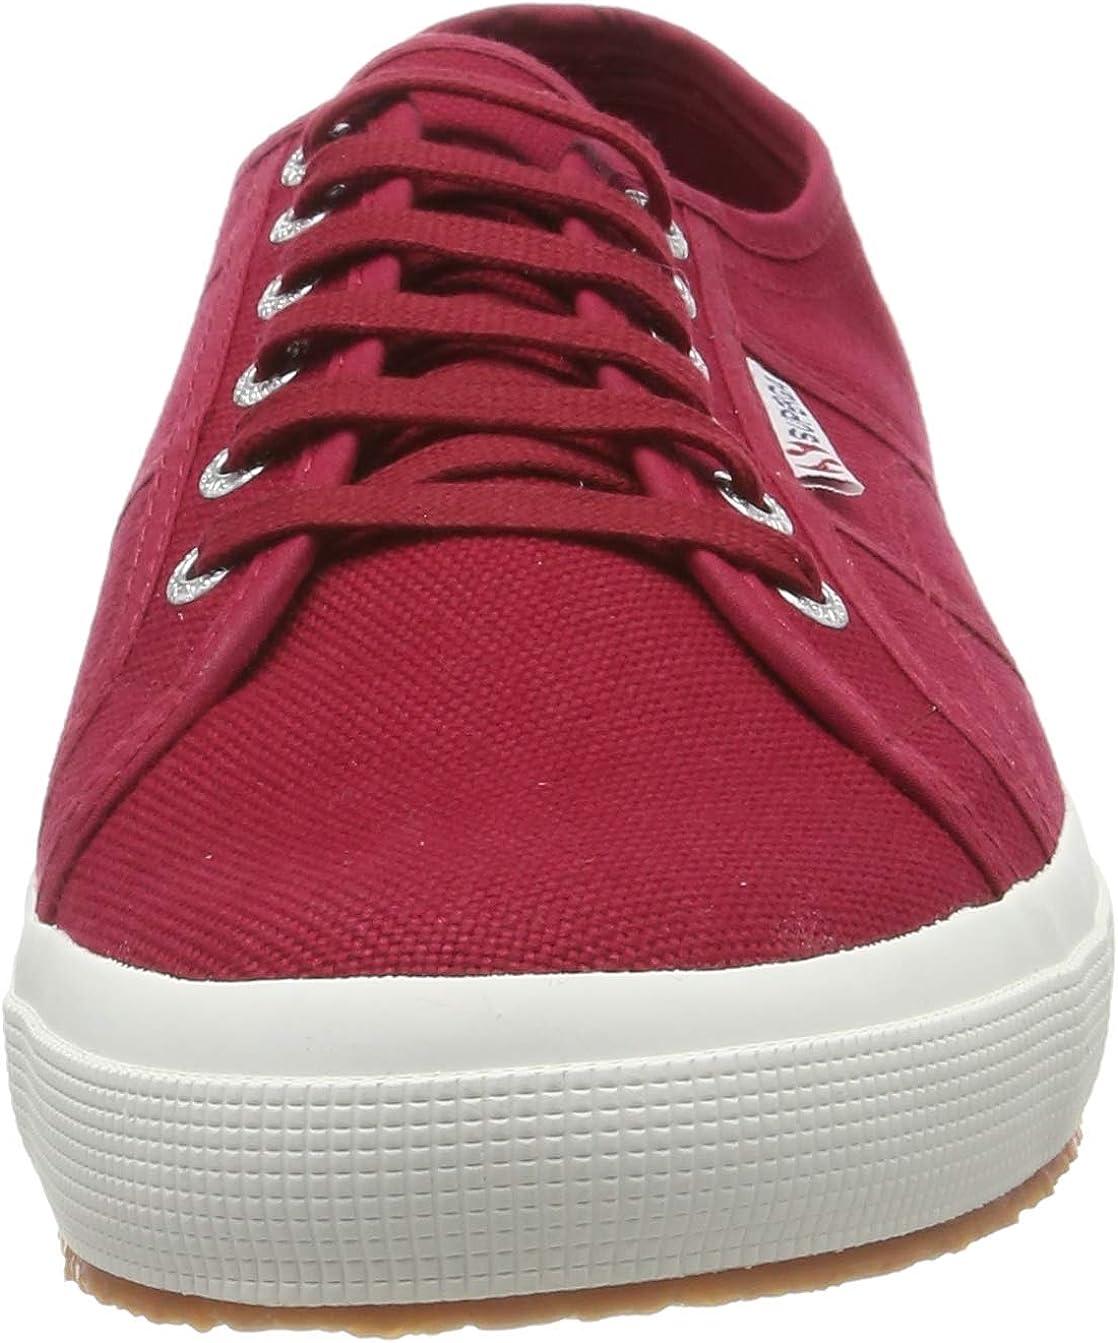 Superga 2750-cotu Classic, Chaussures De Gymnastique Mixte Adulte Rouge Red Dk Scarlet 104